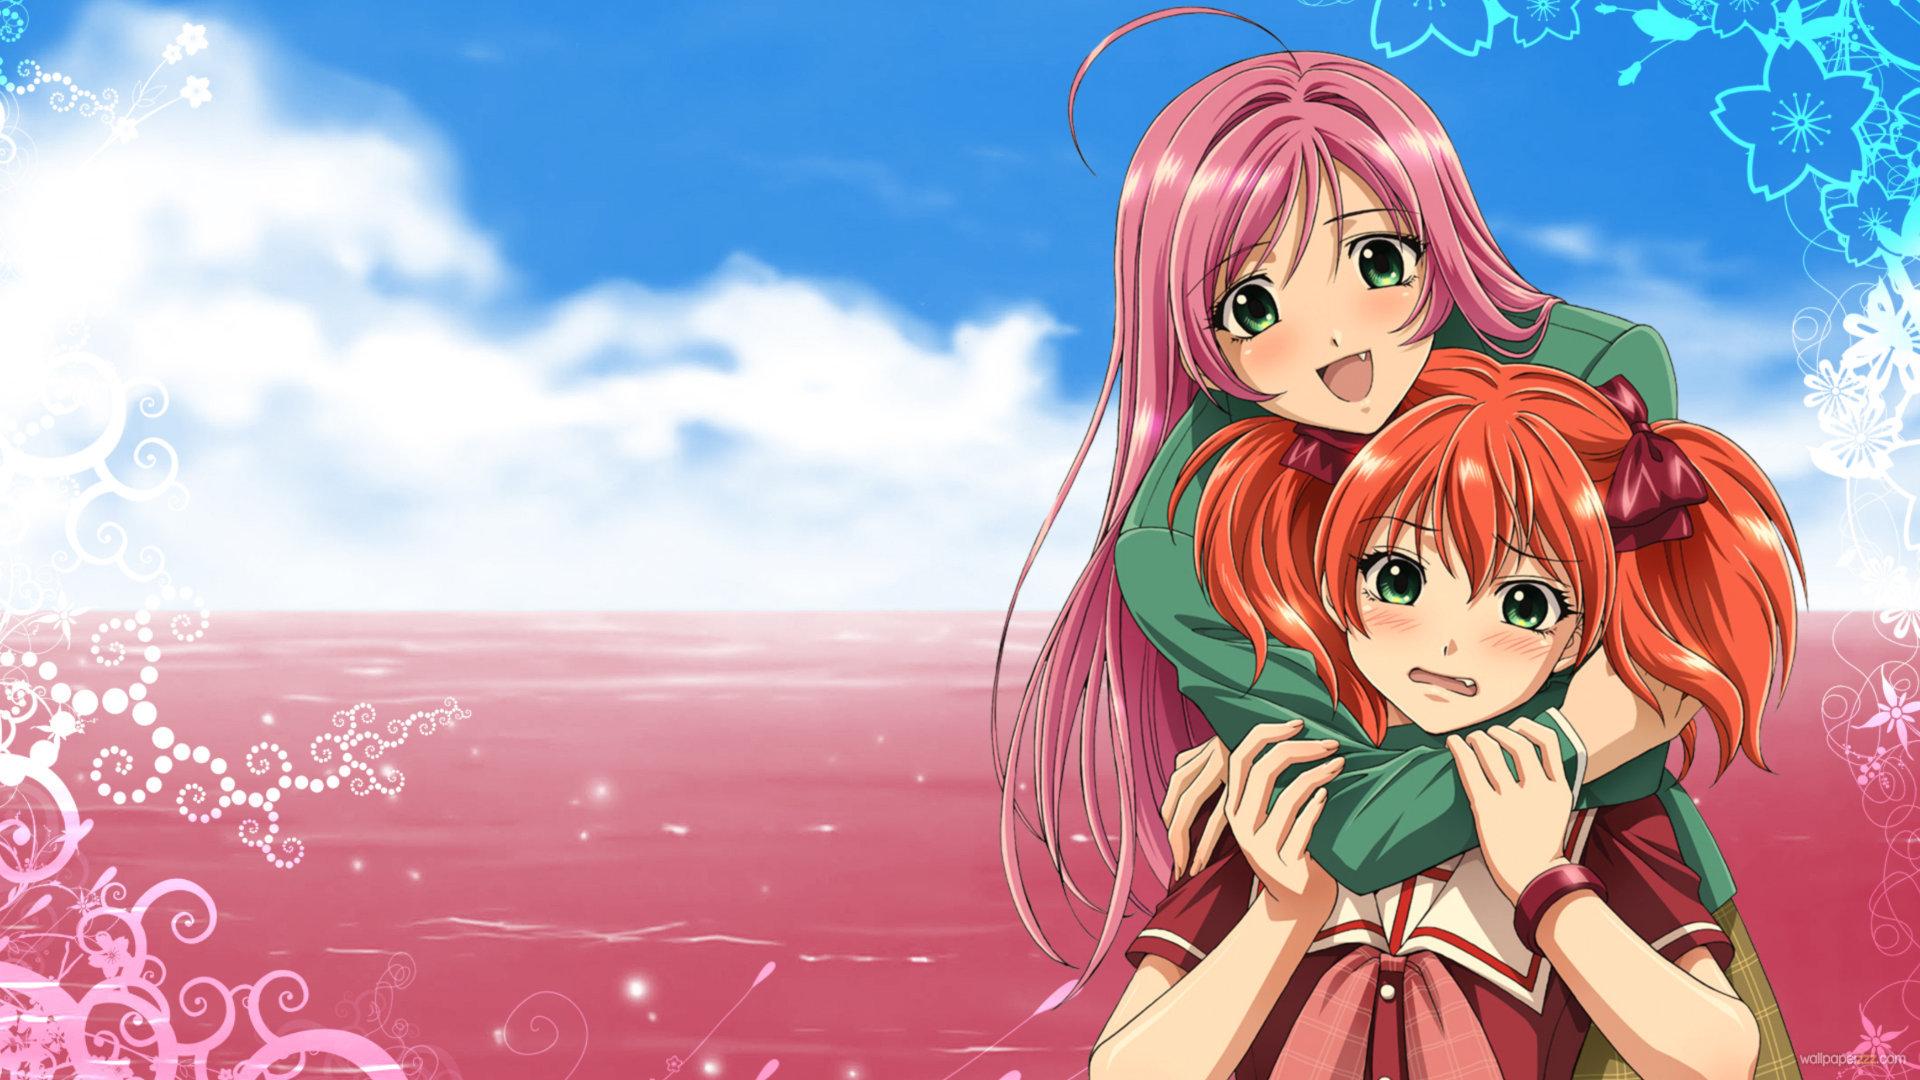 manga anime hd wallpapers hd wallpapers onlyhd animemanga 1920x1080